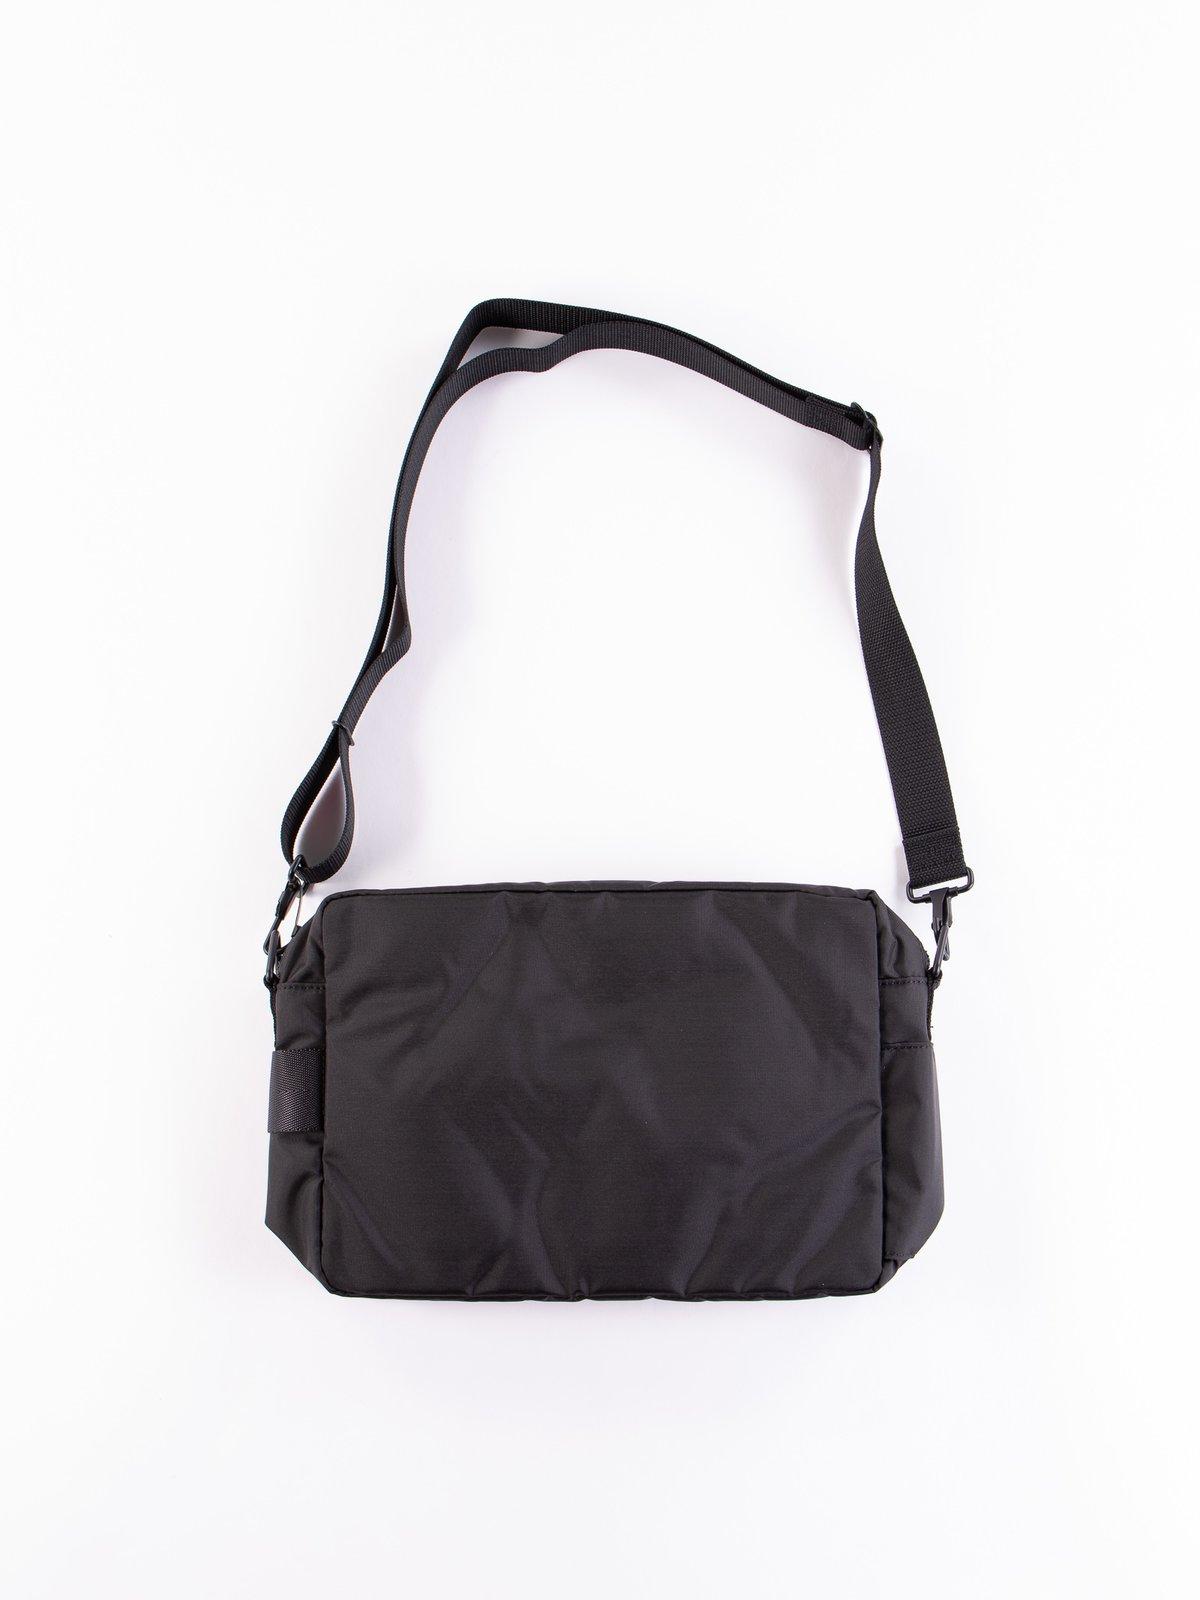 Black Force Small Shoulder Bag - Image 3